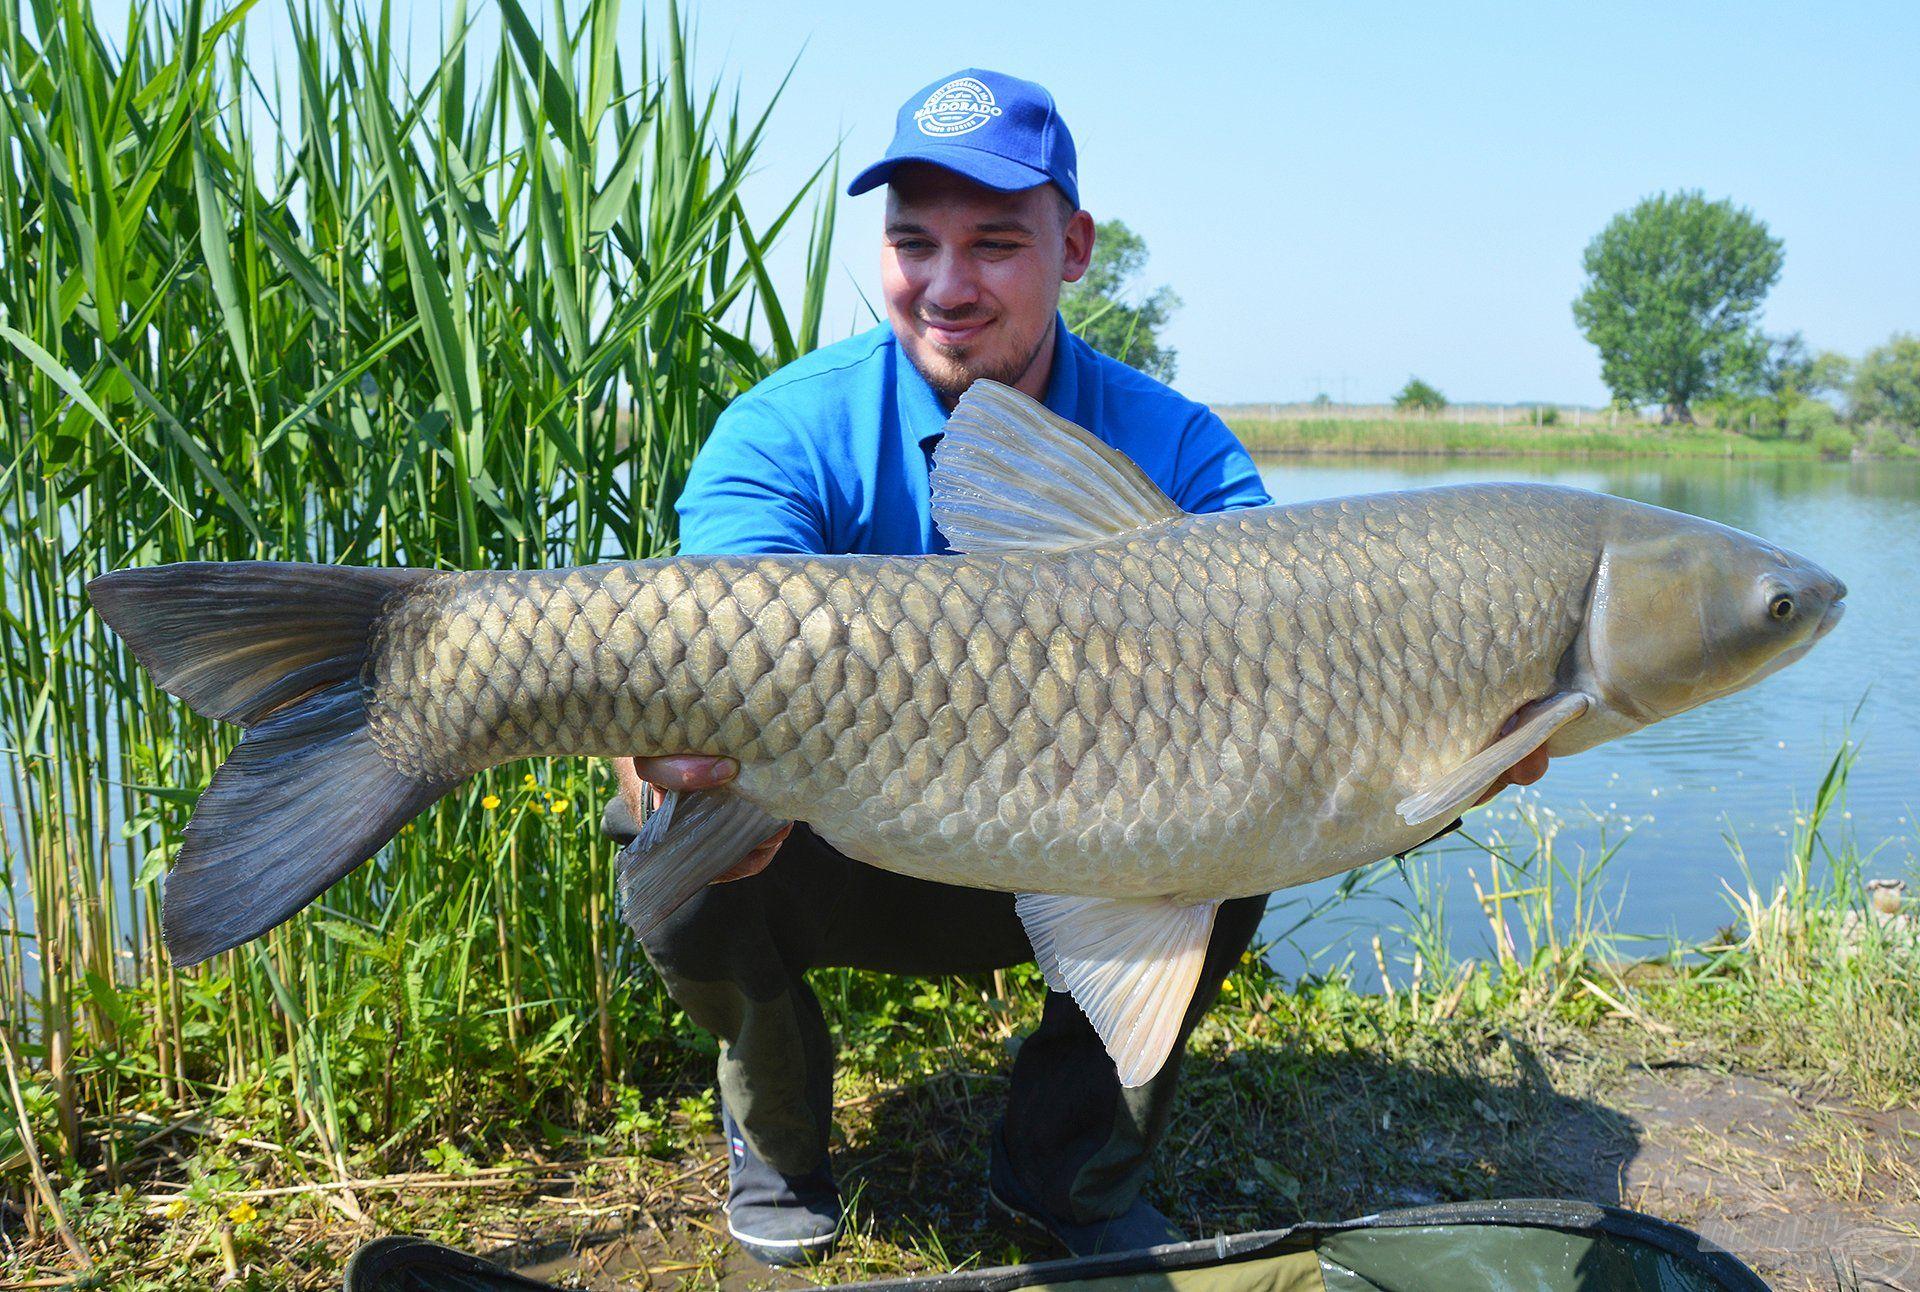 Az első halam volt ez a nagy amur, amit aznap reggel a kezemben tarthattam, nem is csoda, hogy hamar megkedveltem ezt a vizet!